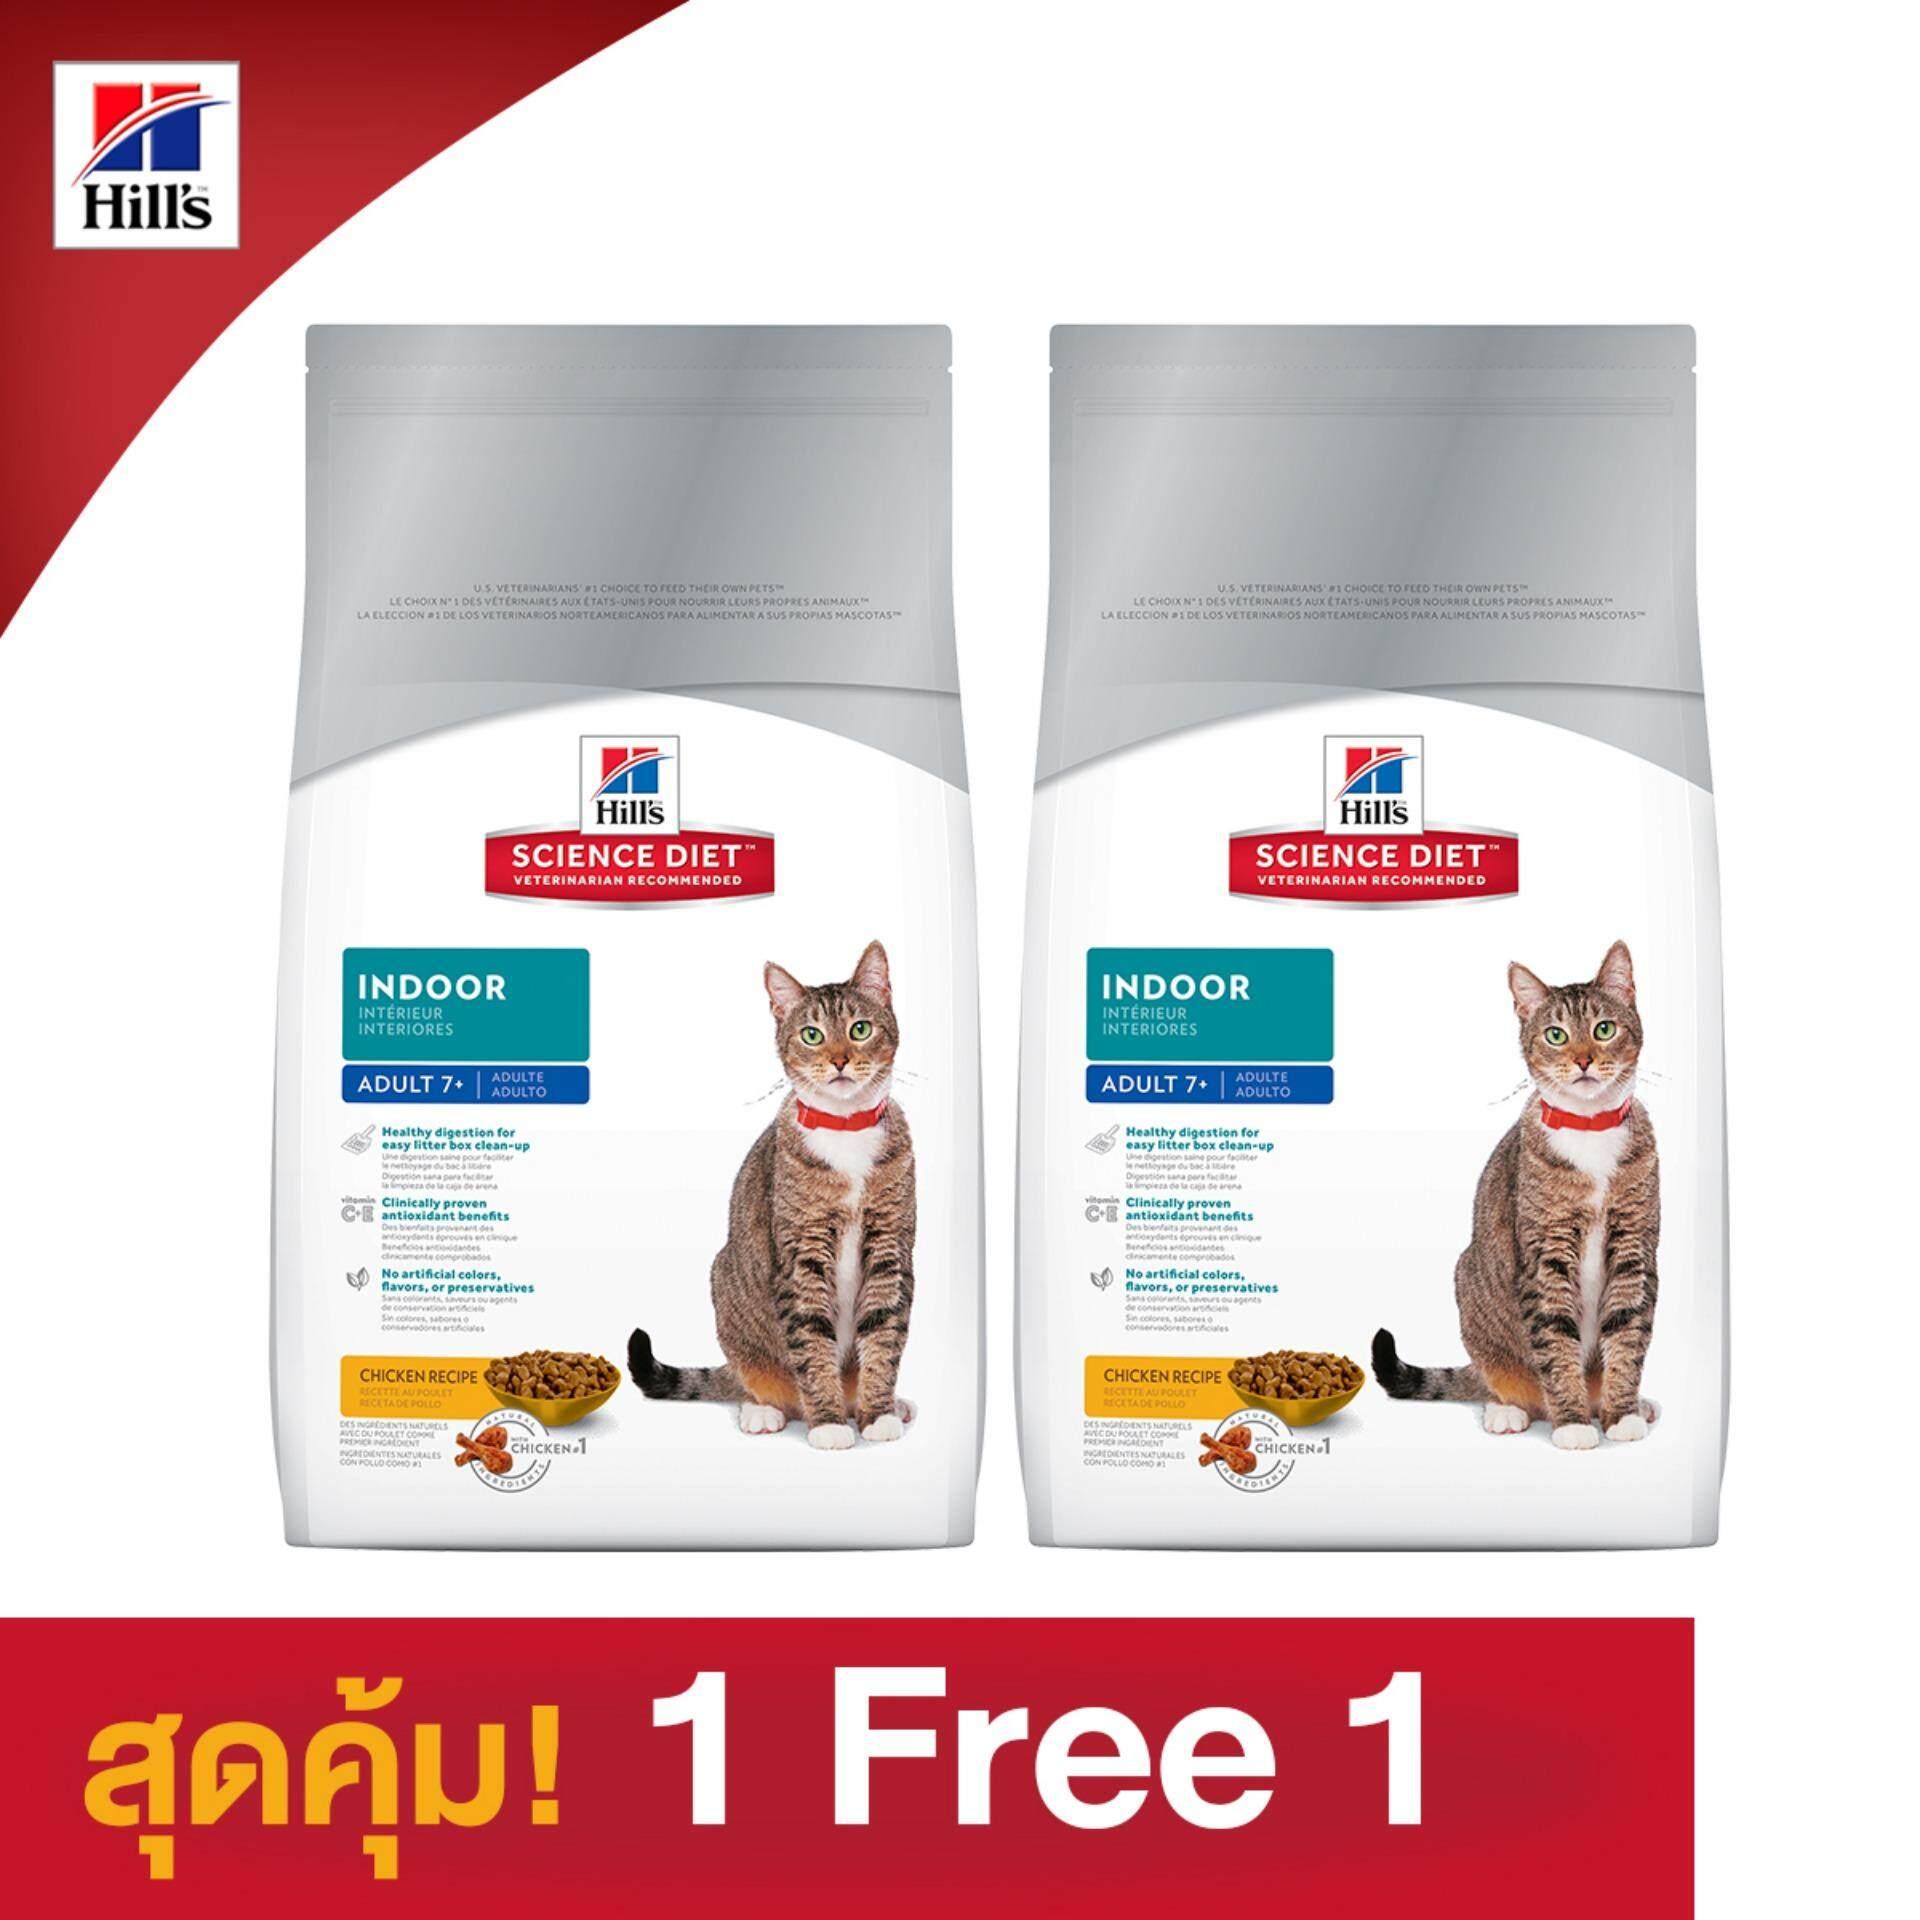 ซื้อ ซื้อ 1 แถม 1 Hill S Science Diet Pet 1 5 Kg อาหารแมวสูงวัยที่มีอายุ 7 ปีขึ้นไป ที่เลี้ยงภายในบ้าน Hill S Science Diet ออนไลน์